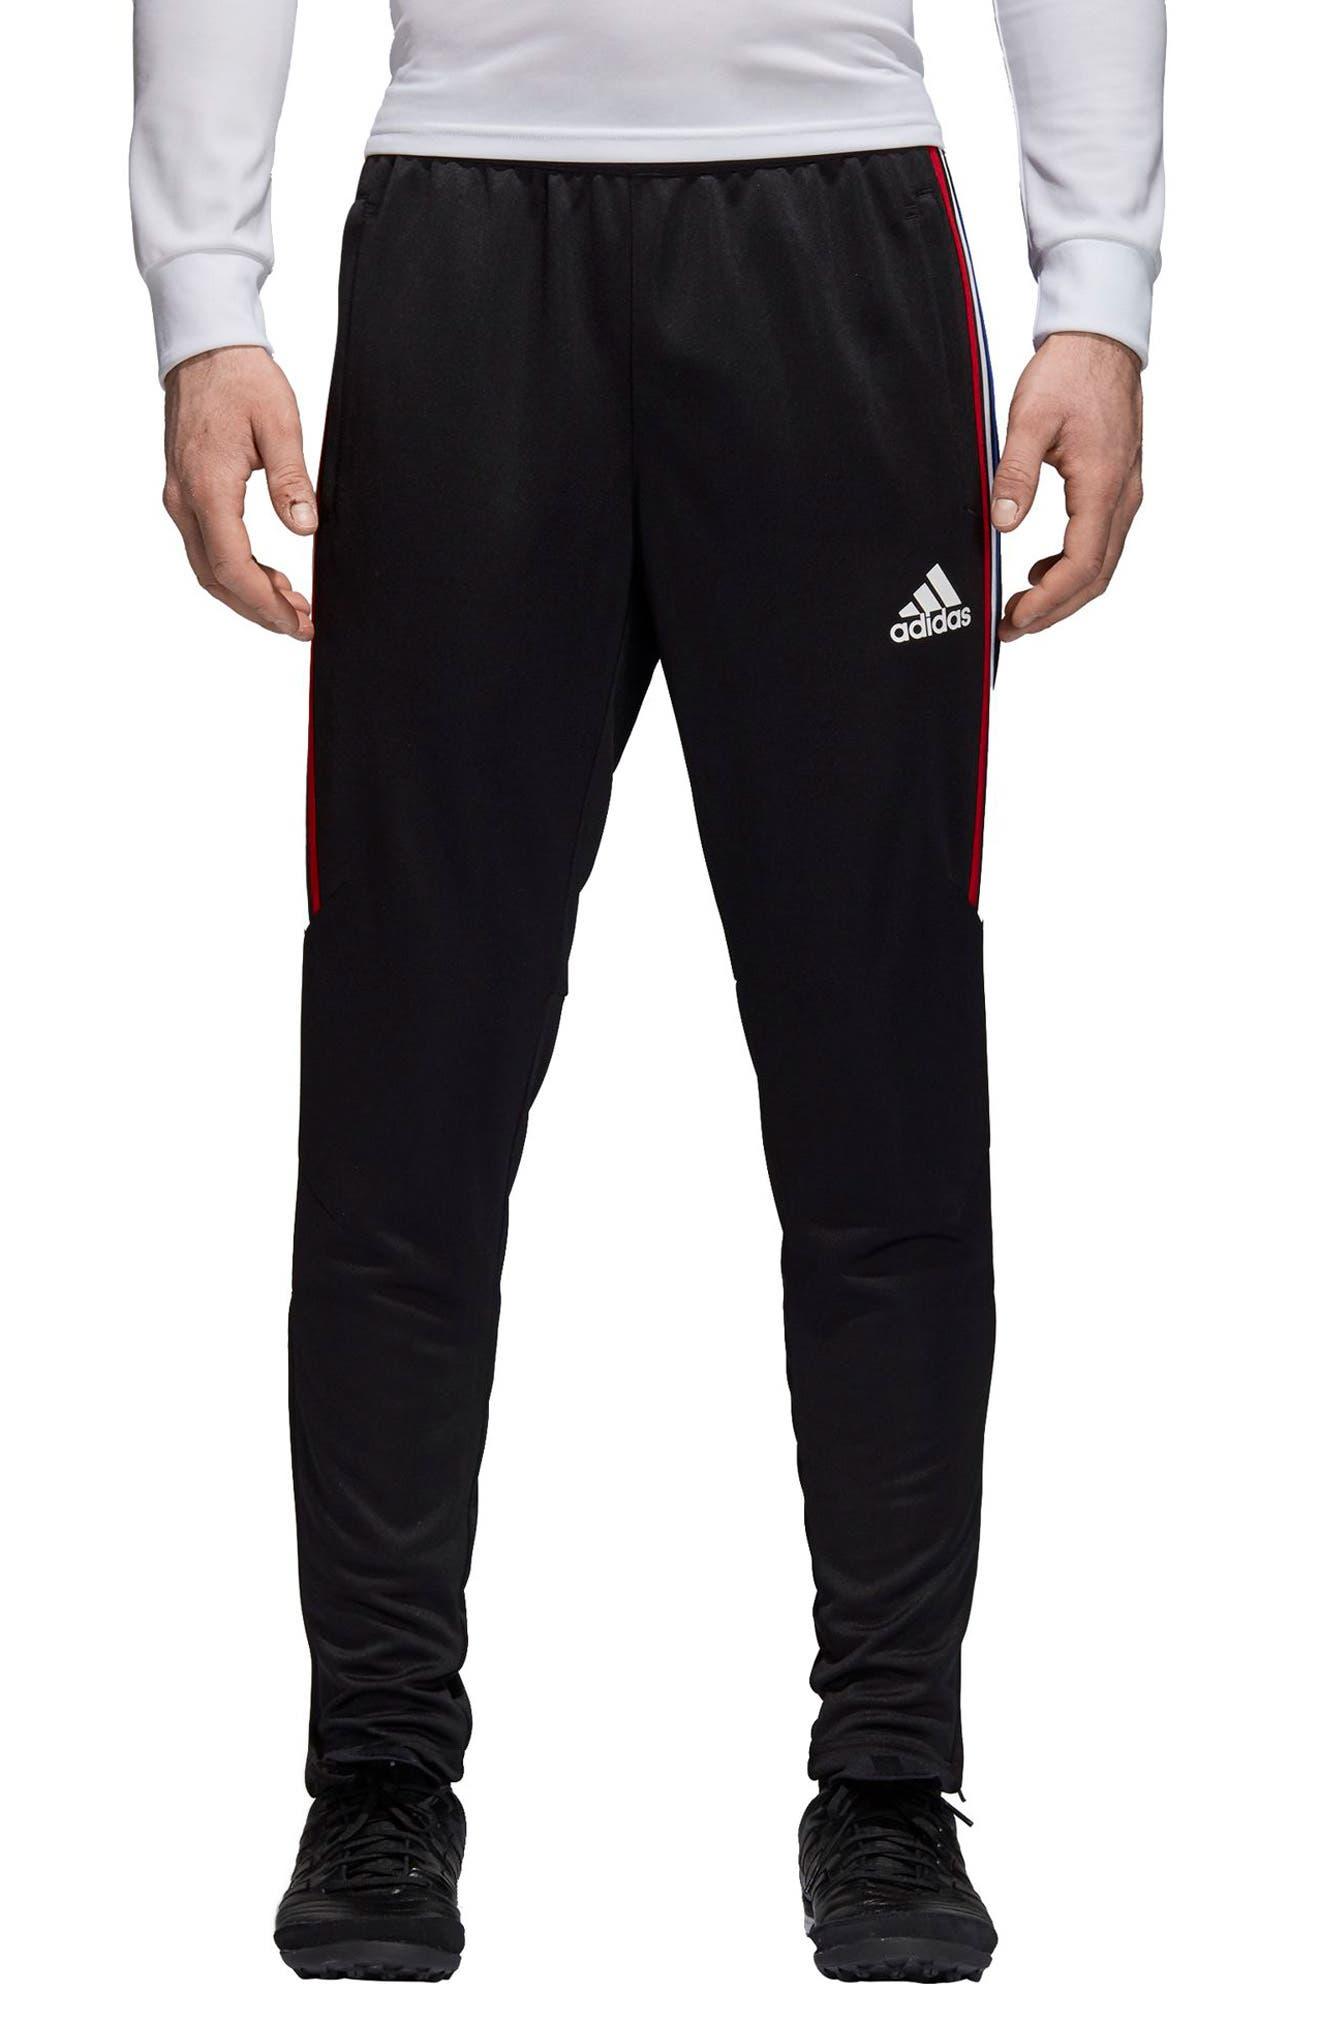 Tiro 17 Regular Fit Training Pants,                             Main thumbnail 1, color,                             BLACK/ RED/ WHITE/ BLUE